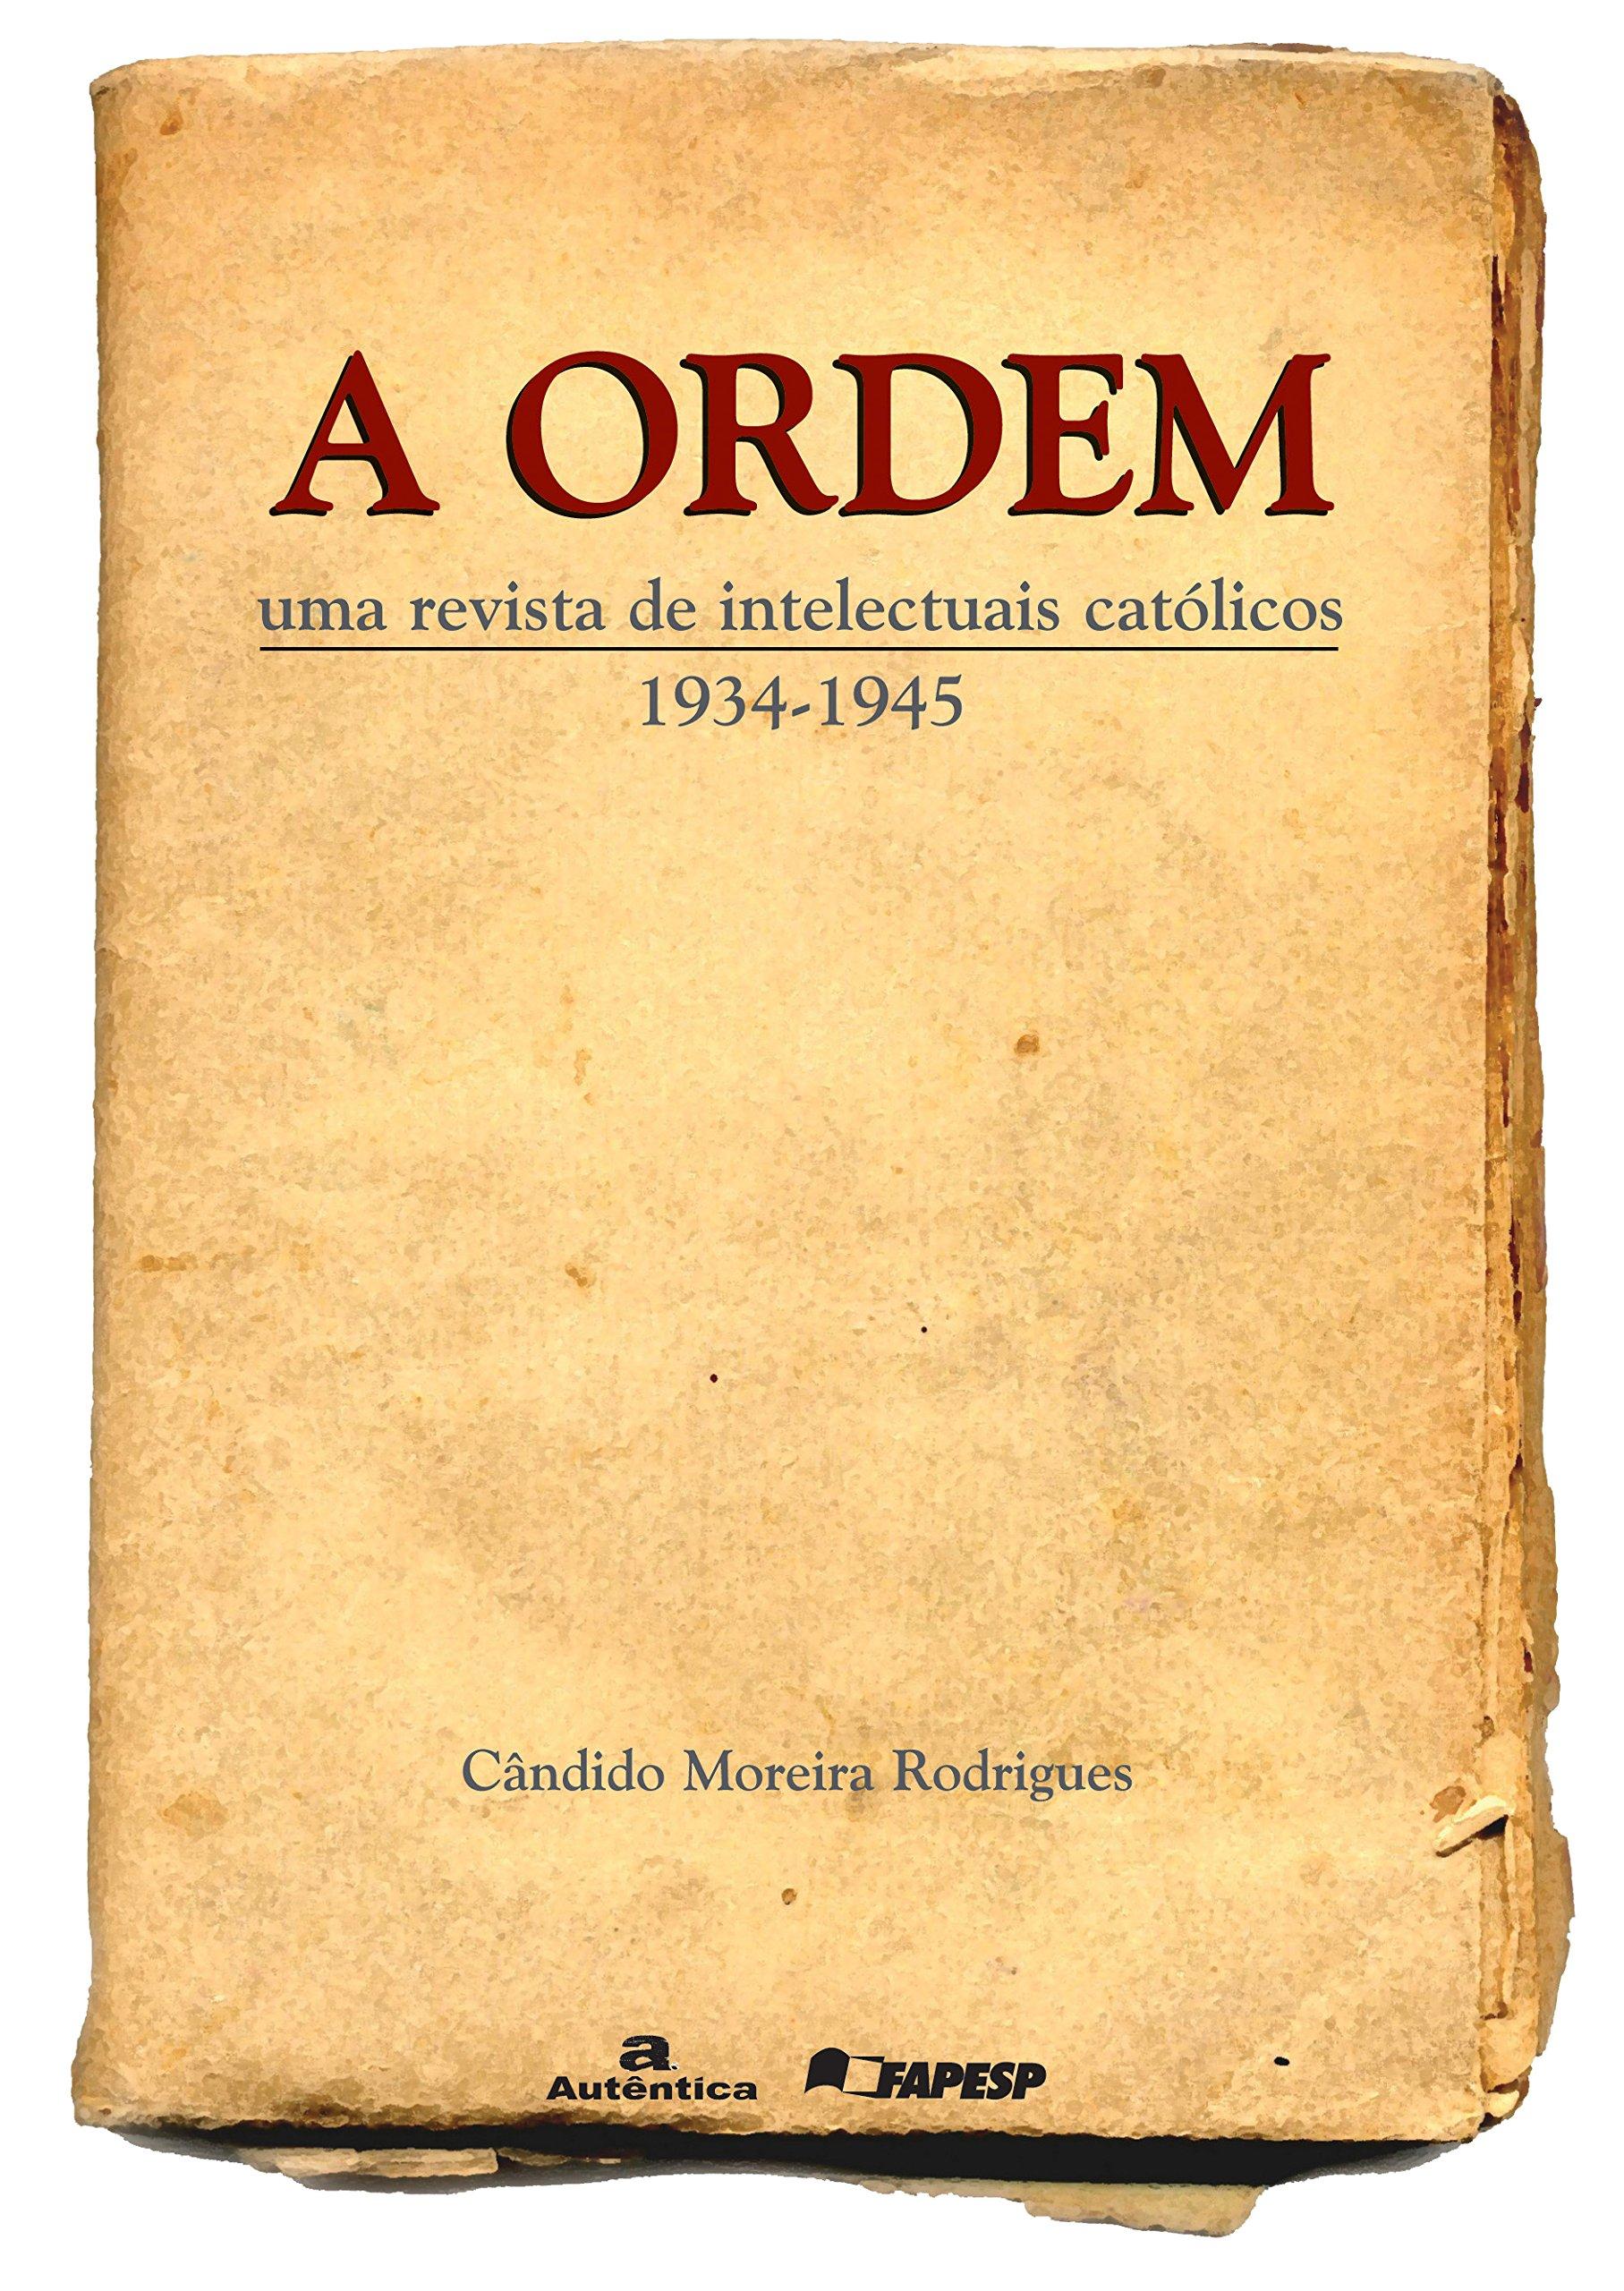 A ordem : uma revista de intelectuais católicos (1934-1945). ebook